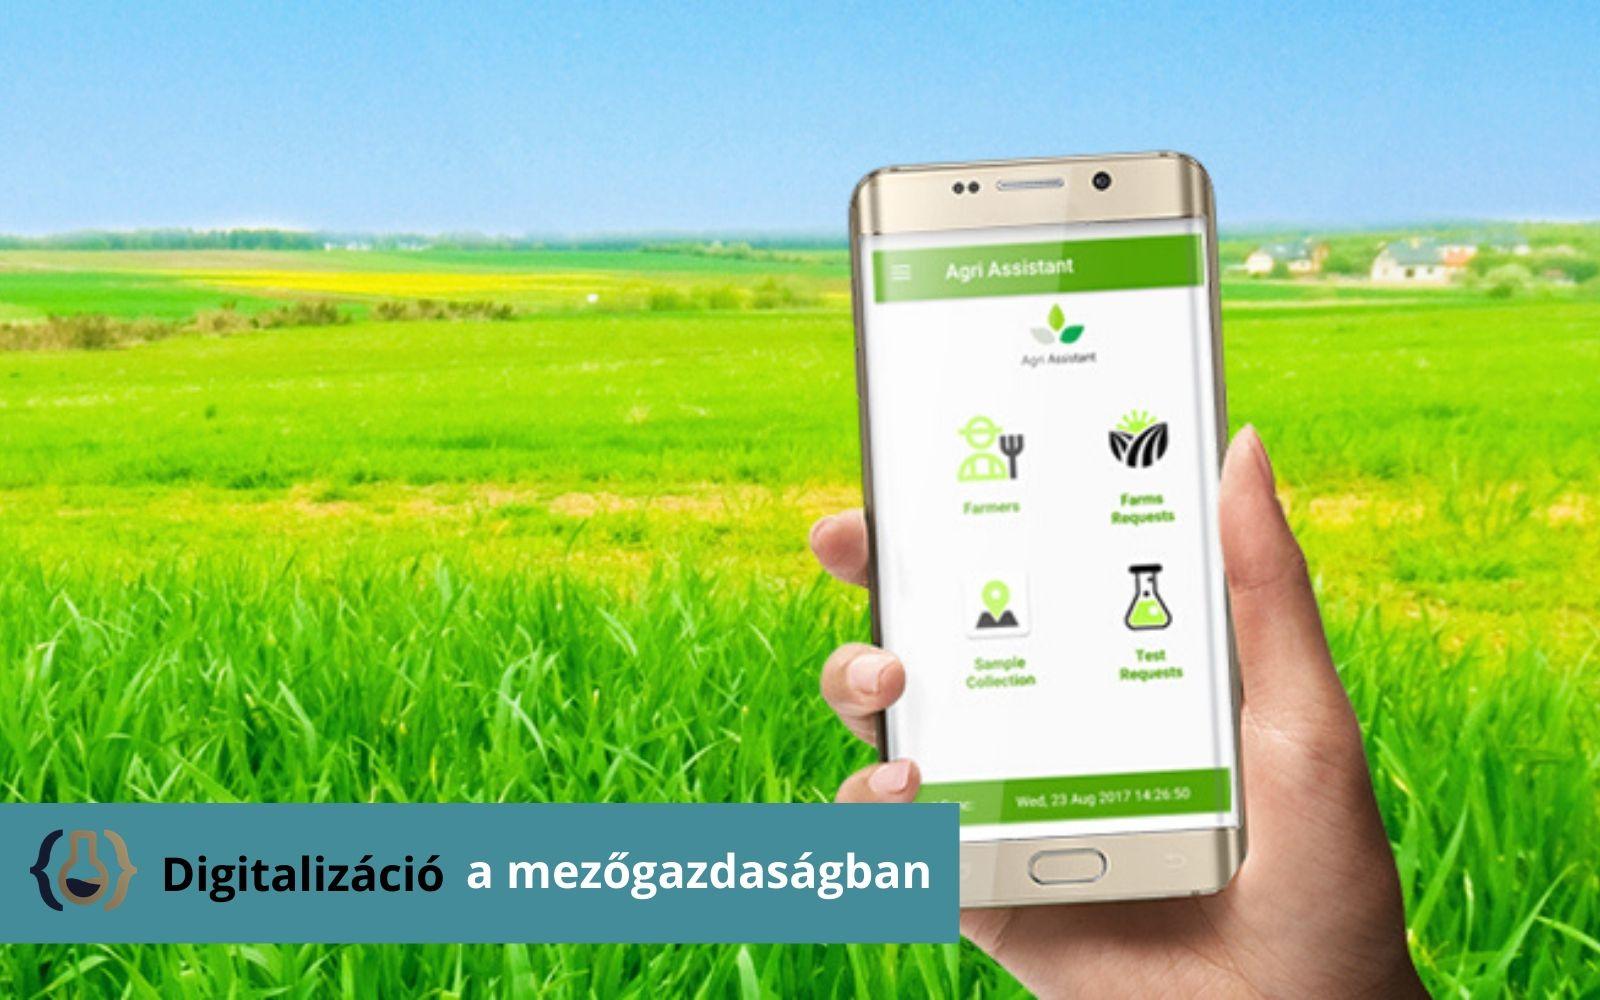 Digitalizáció a mezőgazdaságban